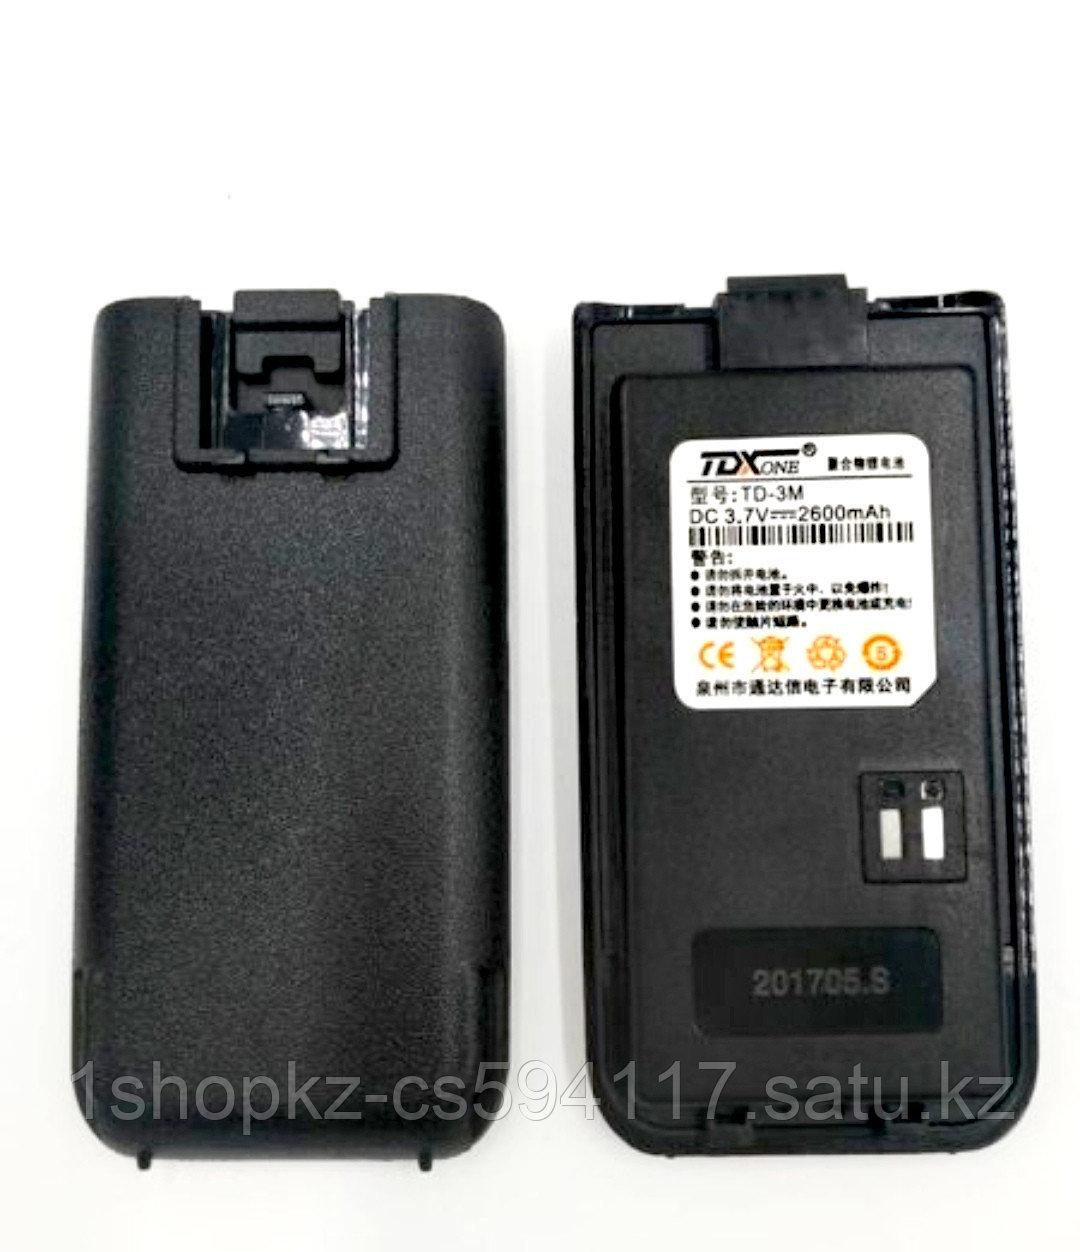 Аккумулятор TD-3M для рации TDX TD-3M